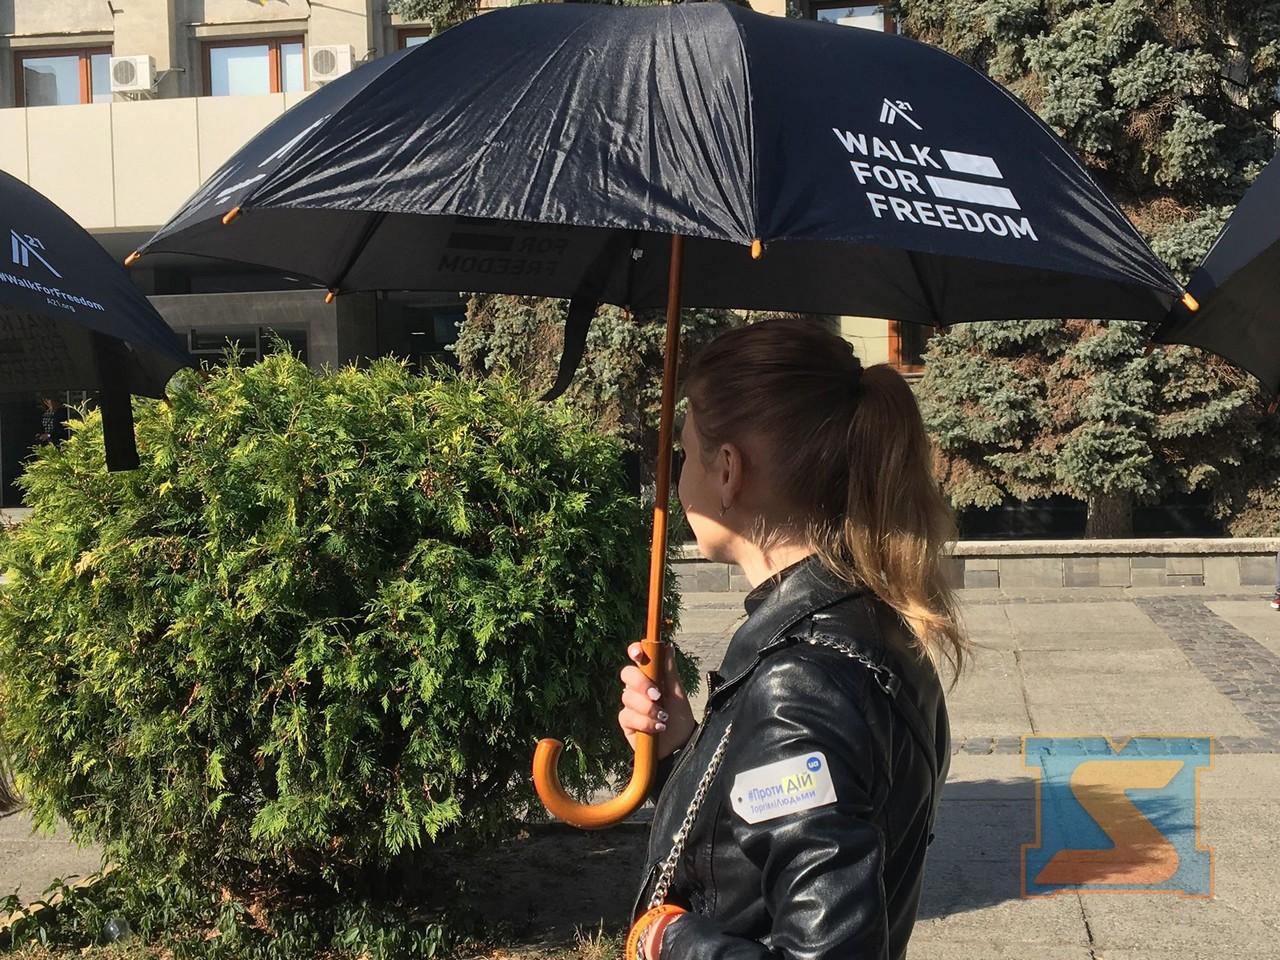 """В Ужгороді на площі Поштовій стартувала акція """"Хода за свободу"""", мета якої привернути увагу до проблеми торгівлі людьми"""